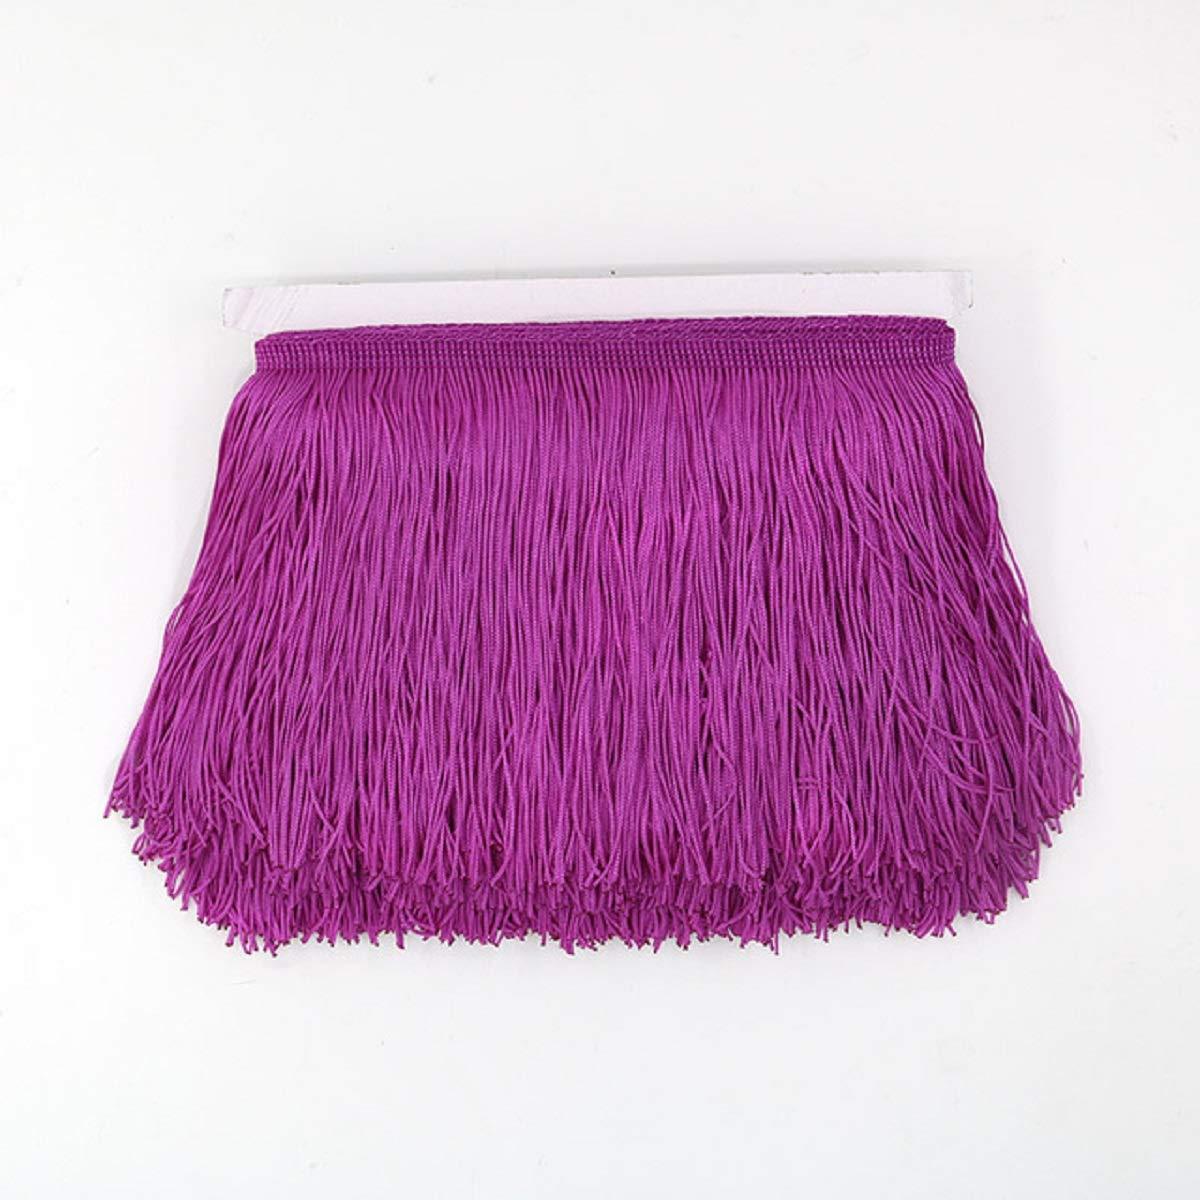 Samba accesorios de ropa 10 metros Deep Purple Cortina de encaje con flecos latinos de poli/éster y borla para manualidades Yalulu macram/é latino